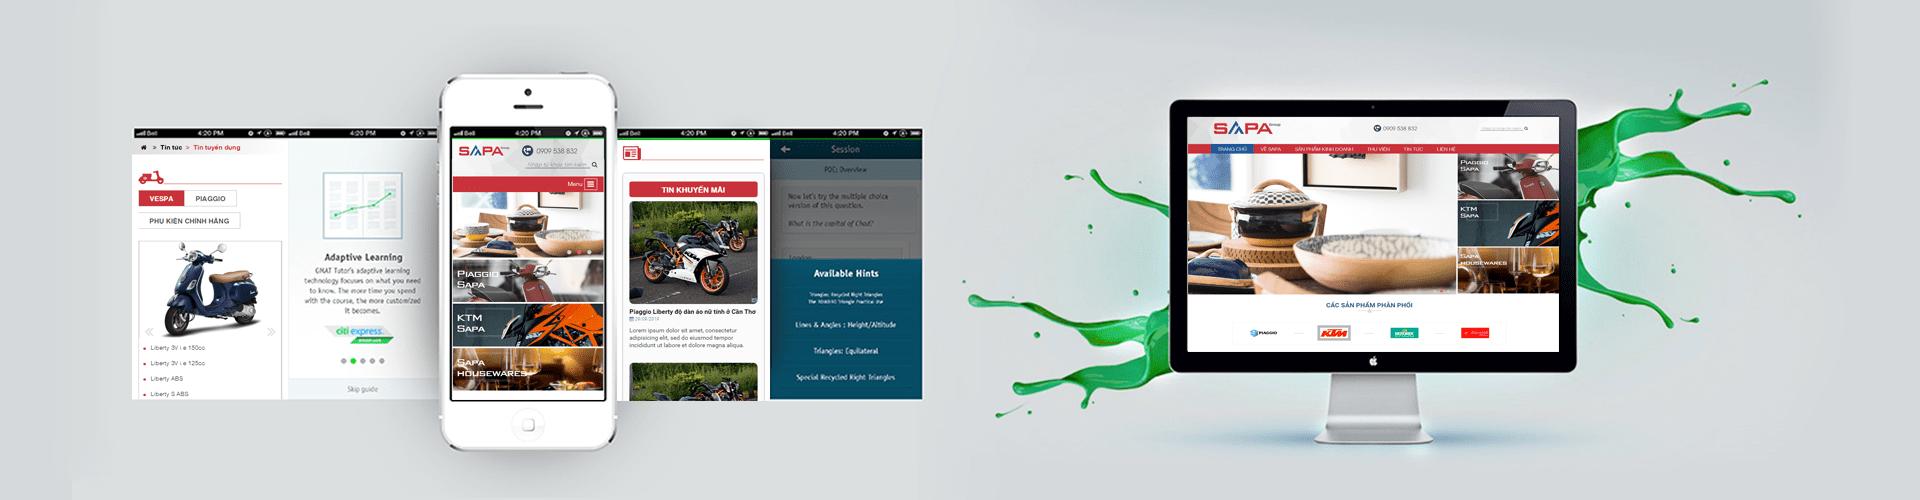 Thiết kế website thương mại điện tử SAPA